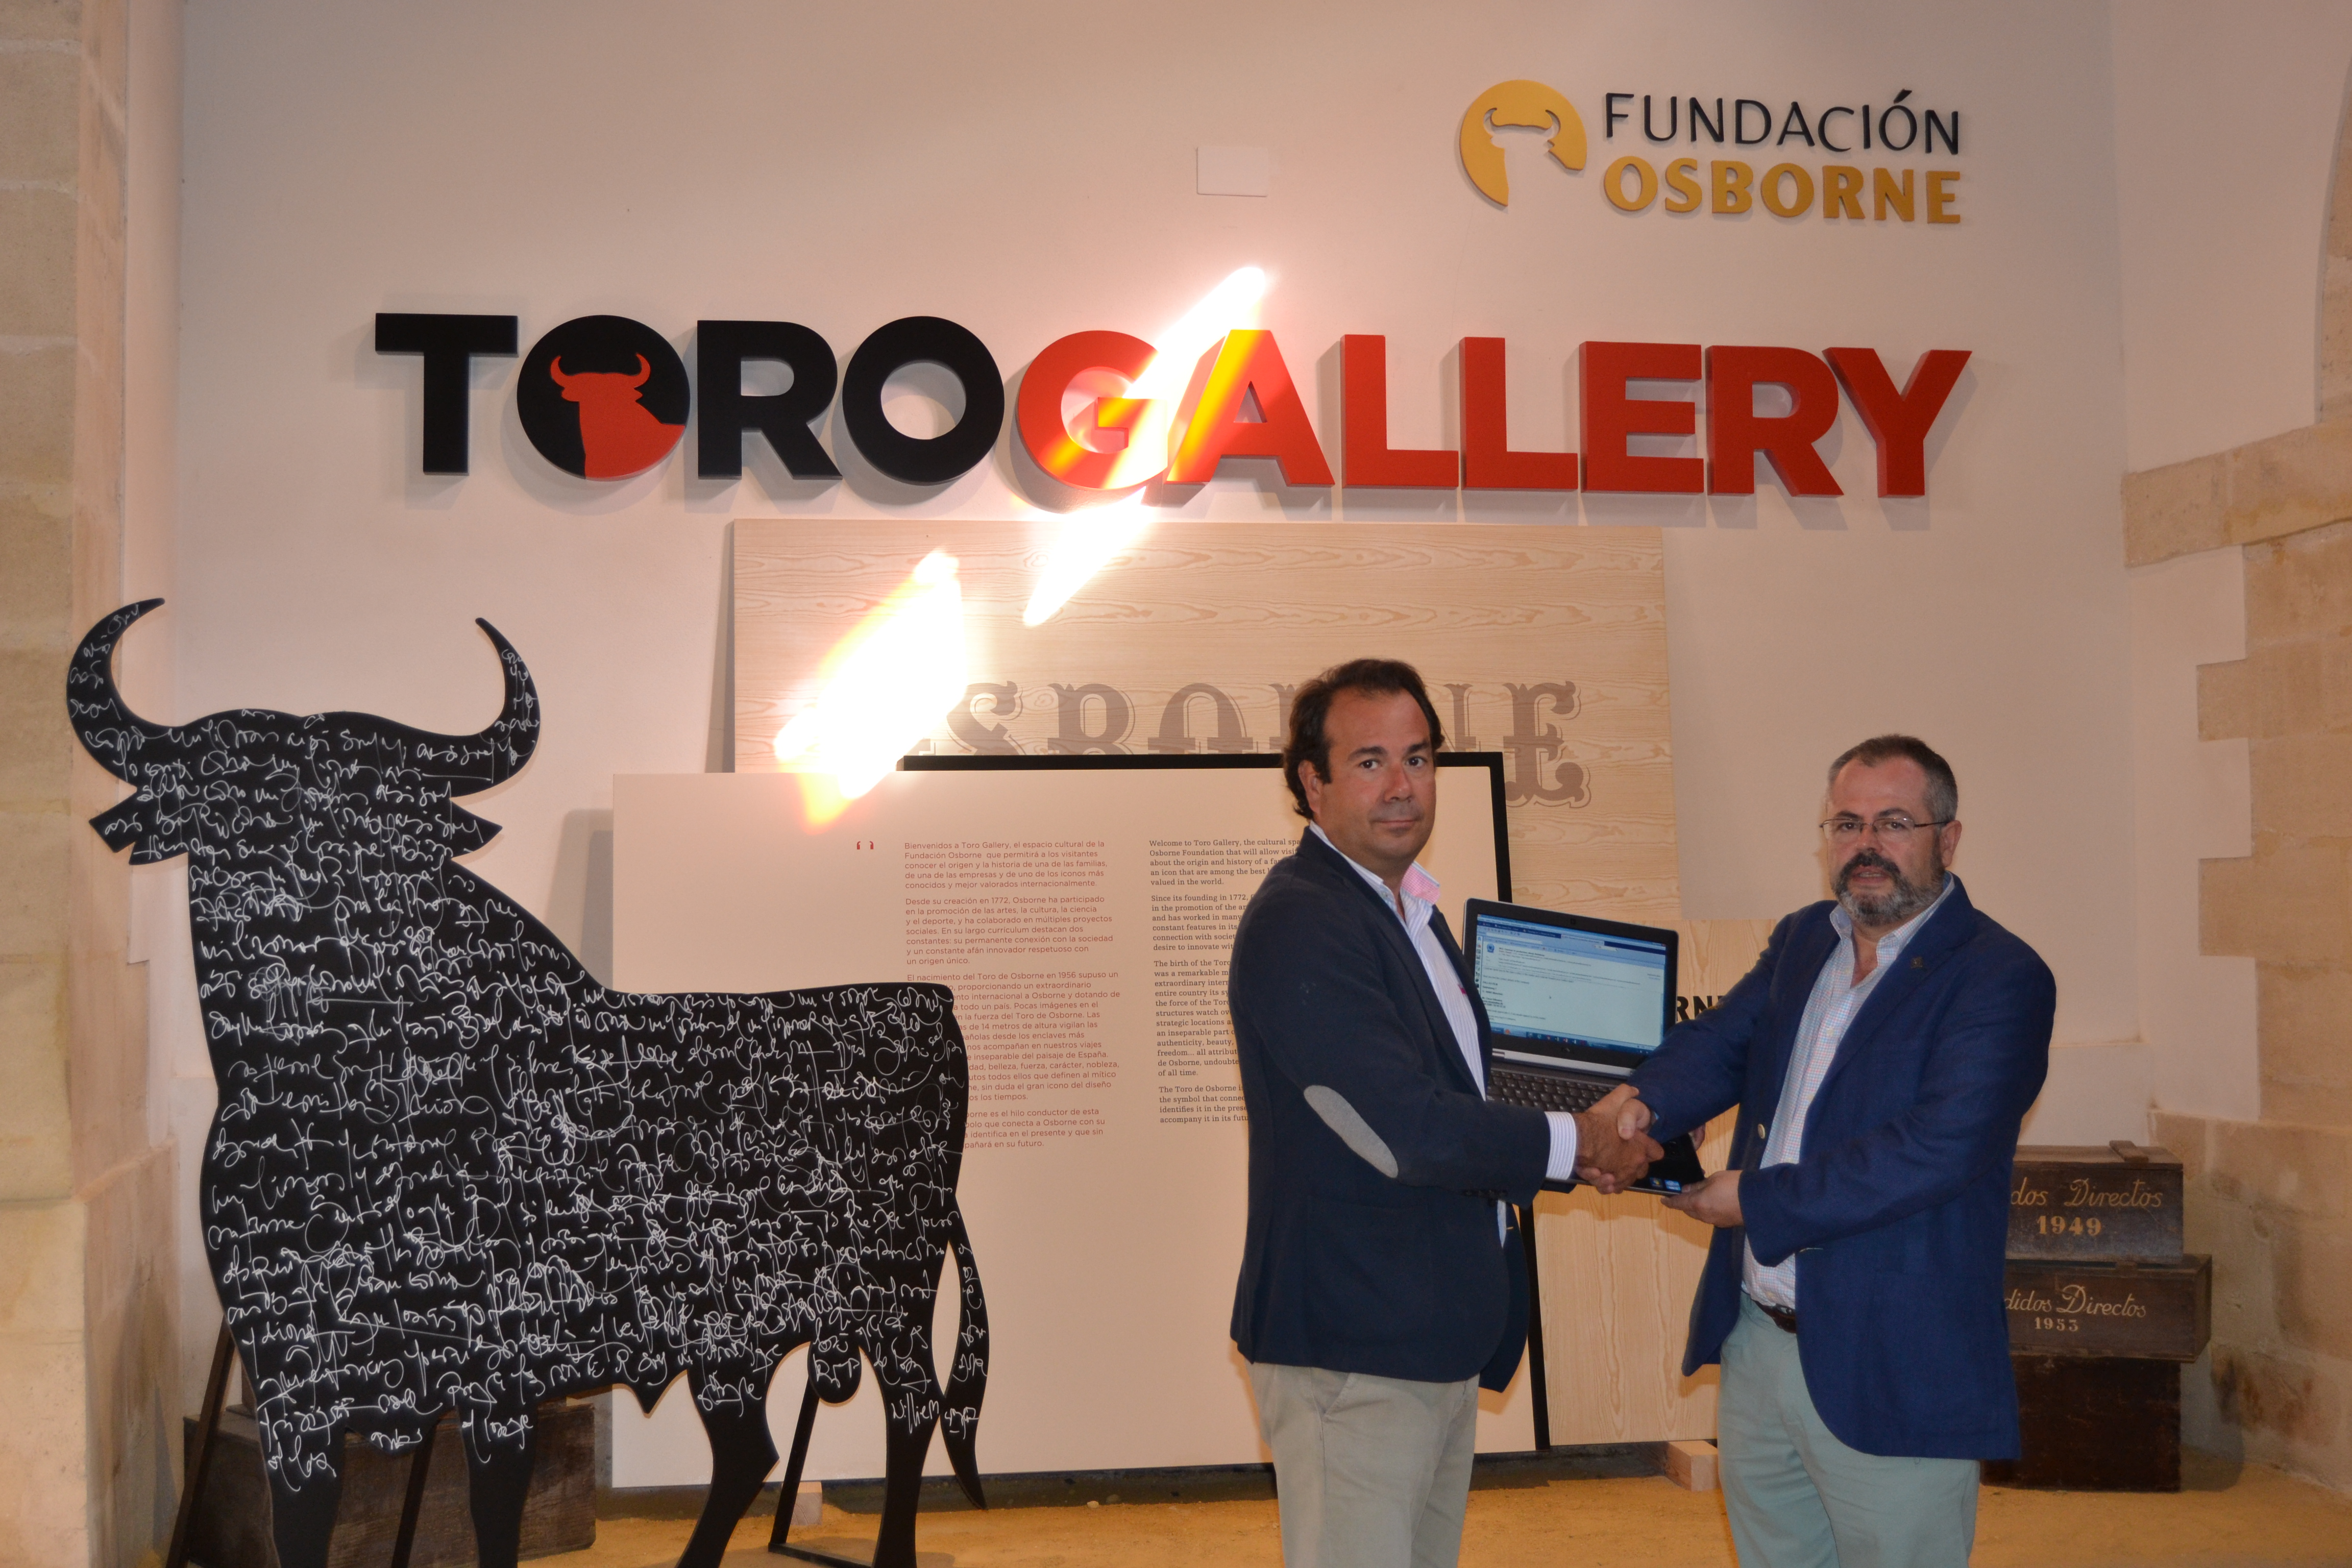 Momento en el que se lleva a cabo la donación de los ordenadores. Aparece Lorenzo Rus, Director de fundación SAFA San Luis junto con nuestro Director de Comunicación, Ivan Llanza en nuestro espacio cultural Toro Gallery.